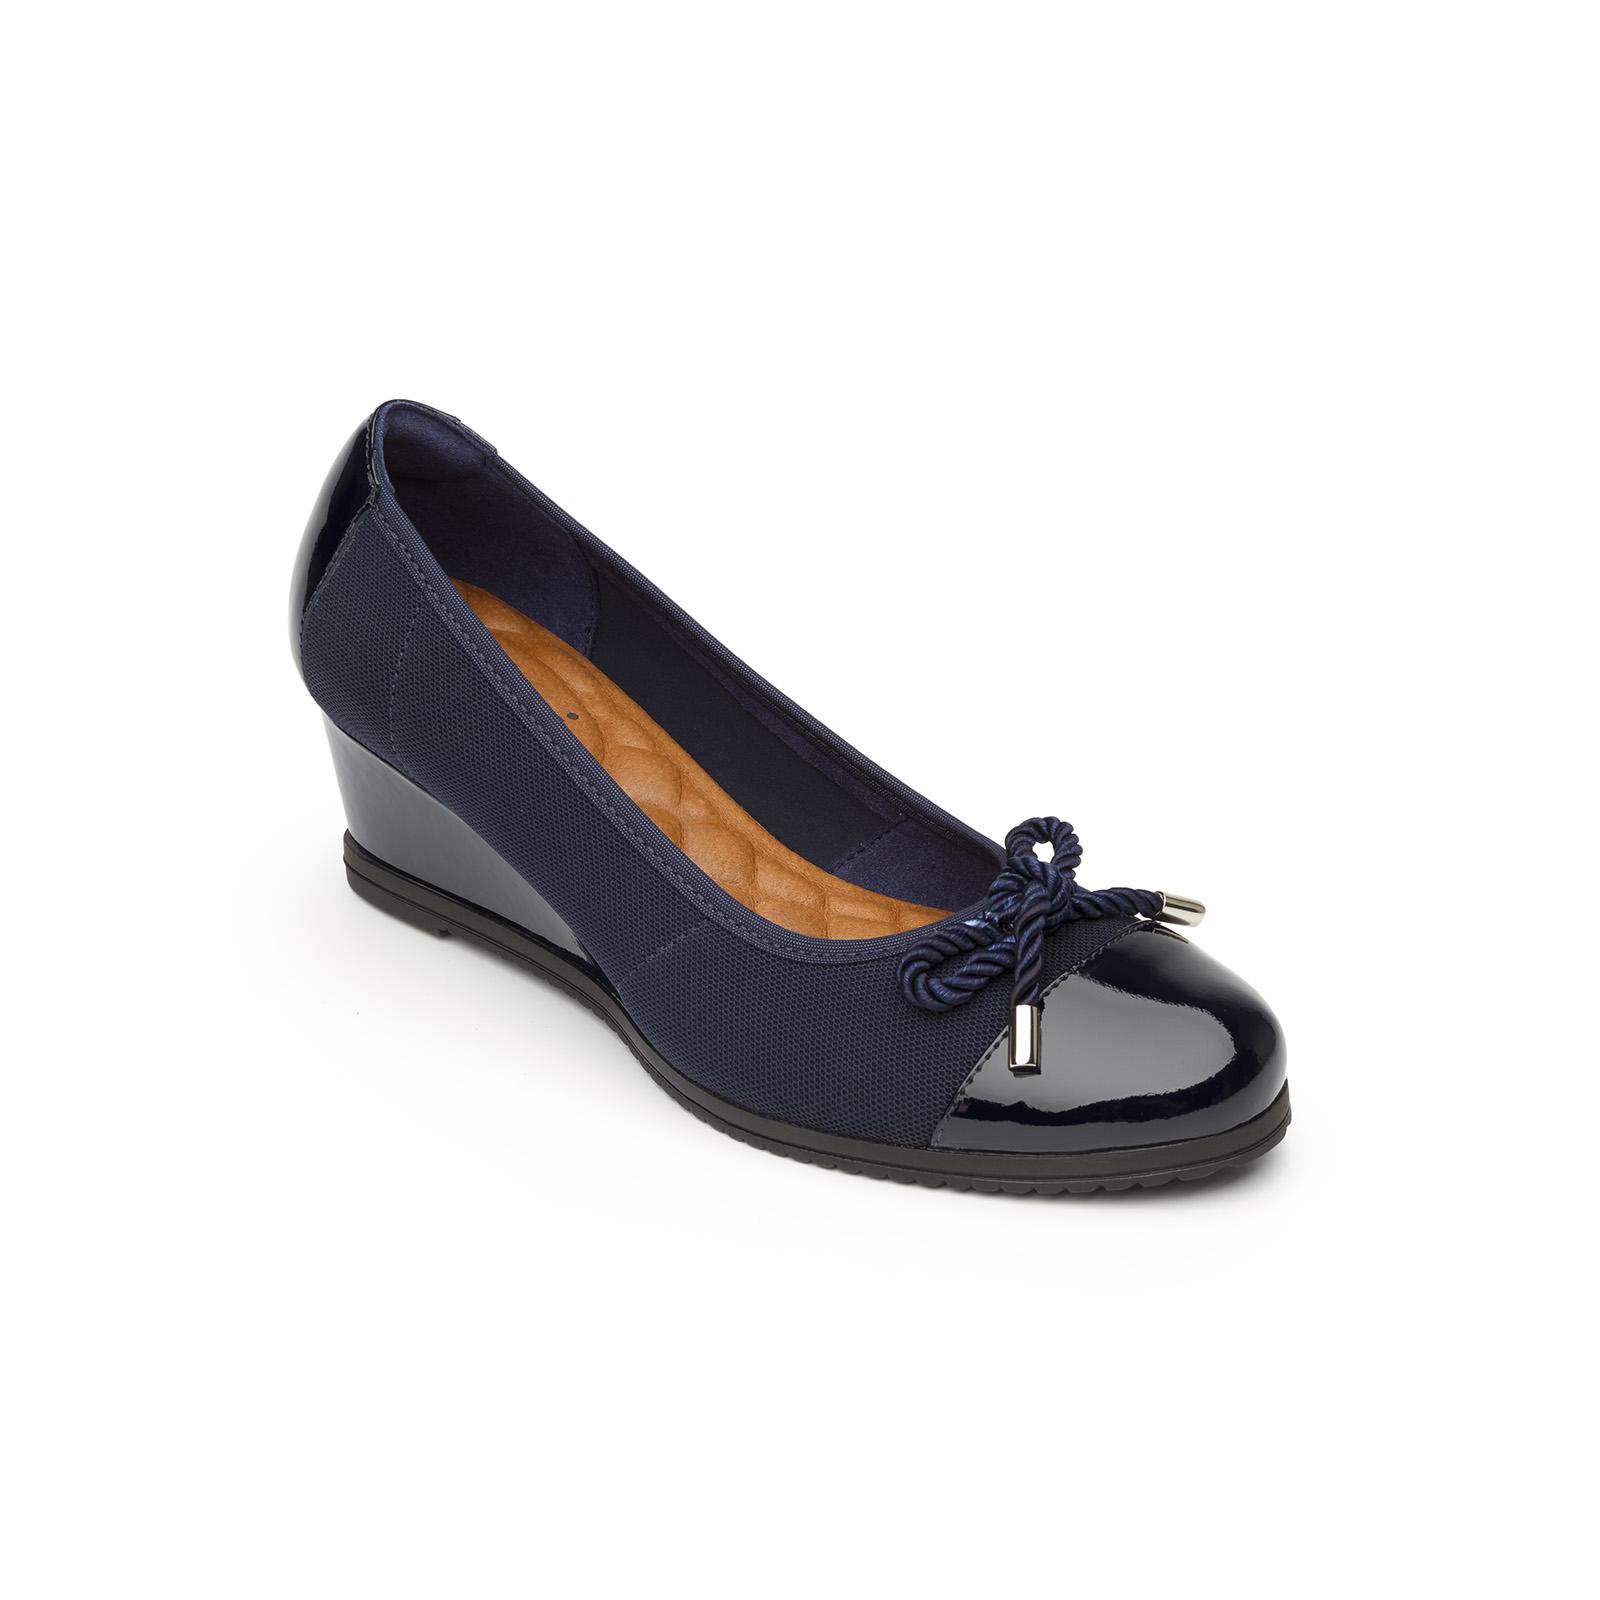 3ebf6be6d4e Zapatos de mujer Flexi ¡Los mejores diseños! - Zapatos Flexi México